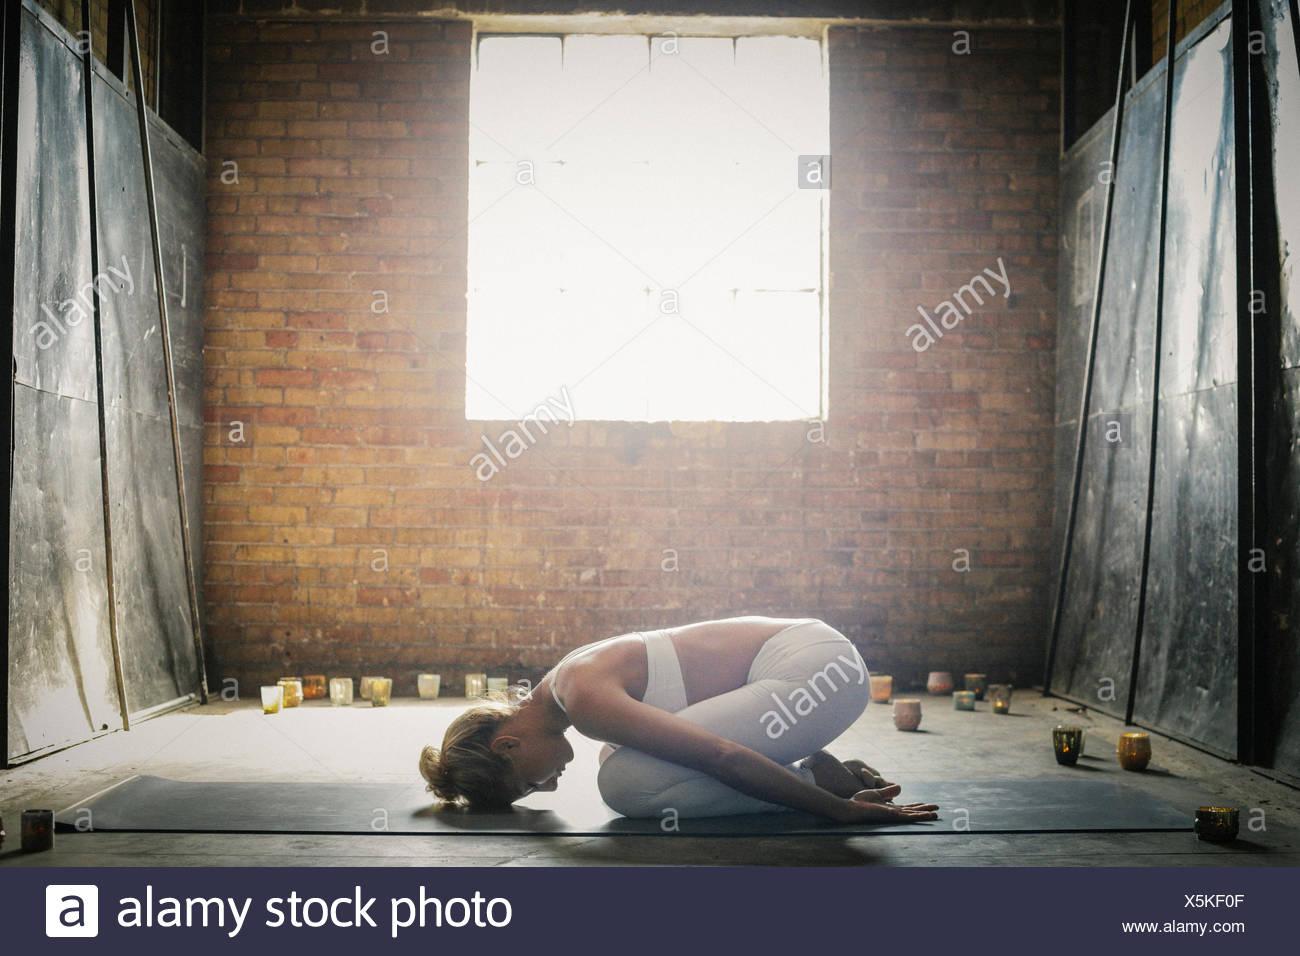 Una mujer rubia en una cosecha blanca top y leggings,arrodillado sobre una alfombrilla en el suelo, rodeado de velas. Imagen De Stock